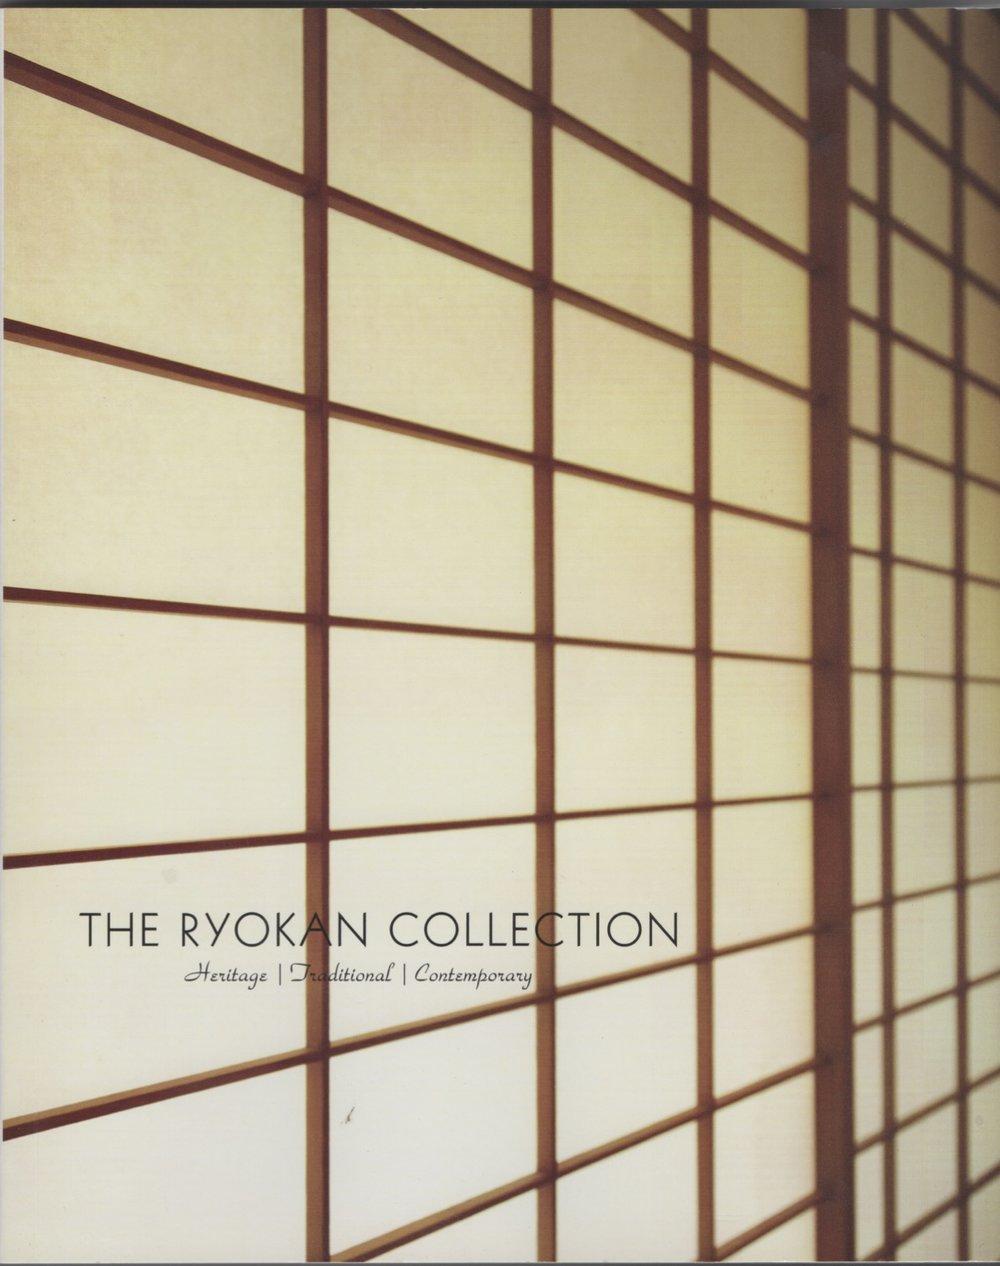 Ryokan Collection